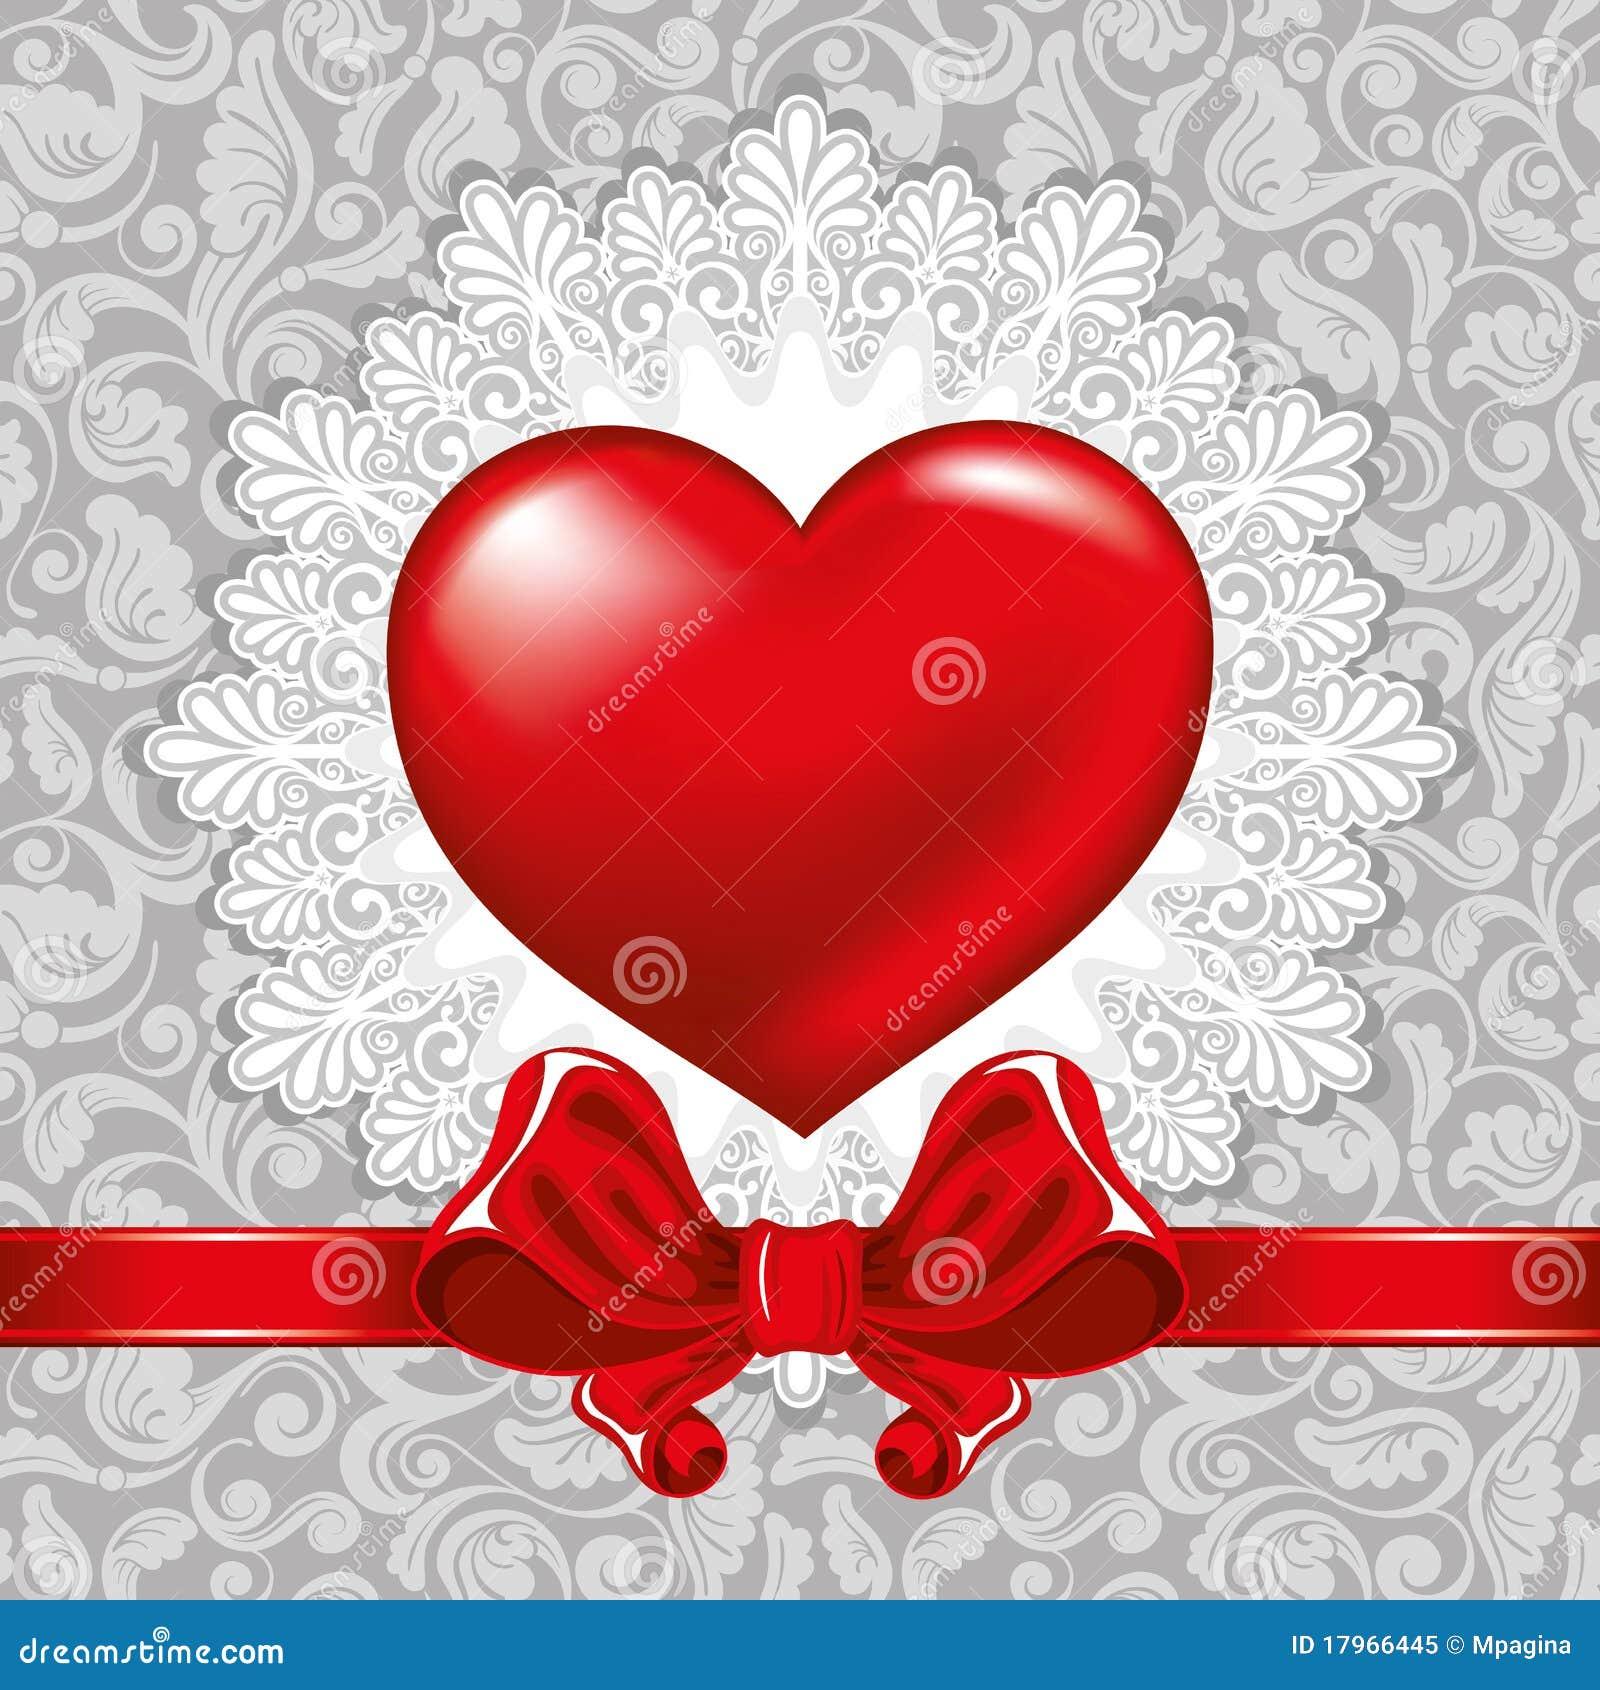 Schöner Hintergrund Auf Valentinstag Mit Verzierungen Und Innerem.